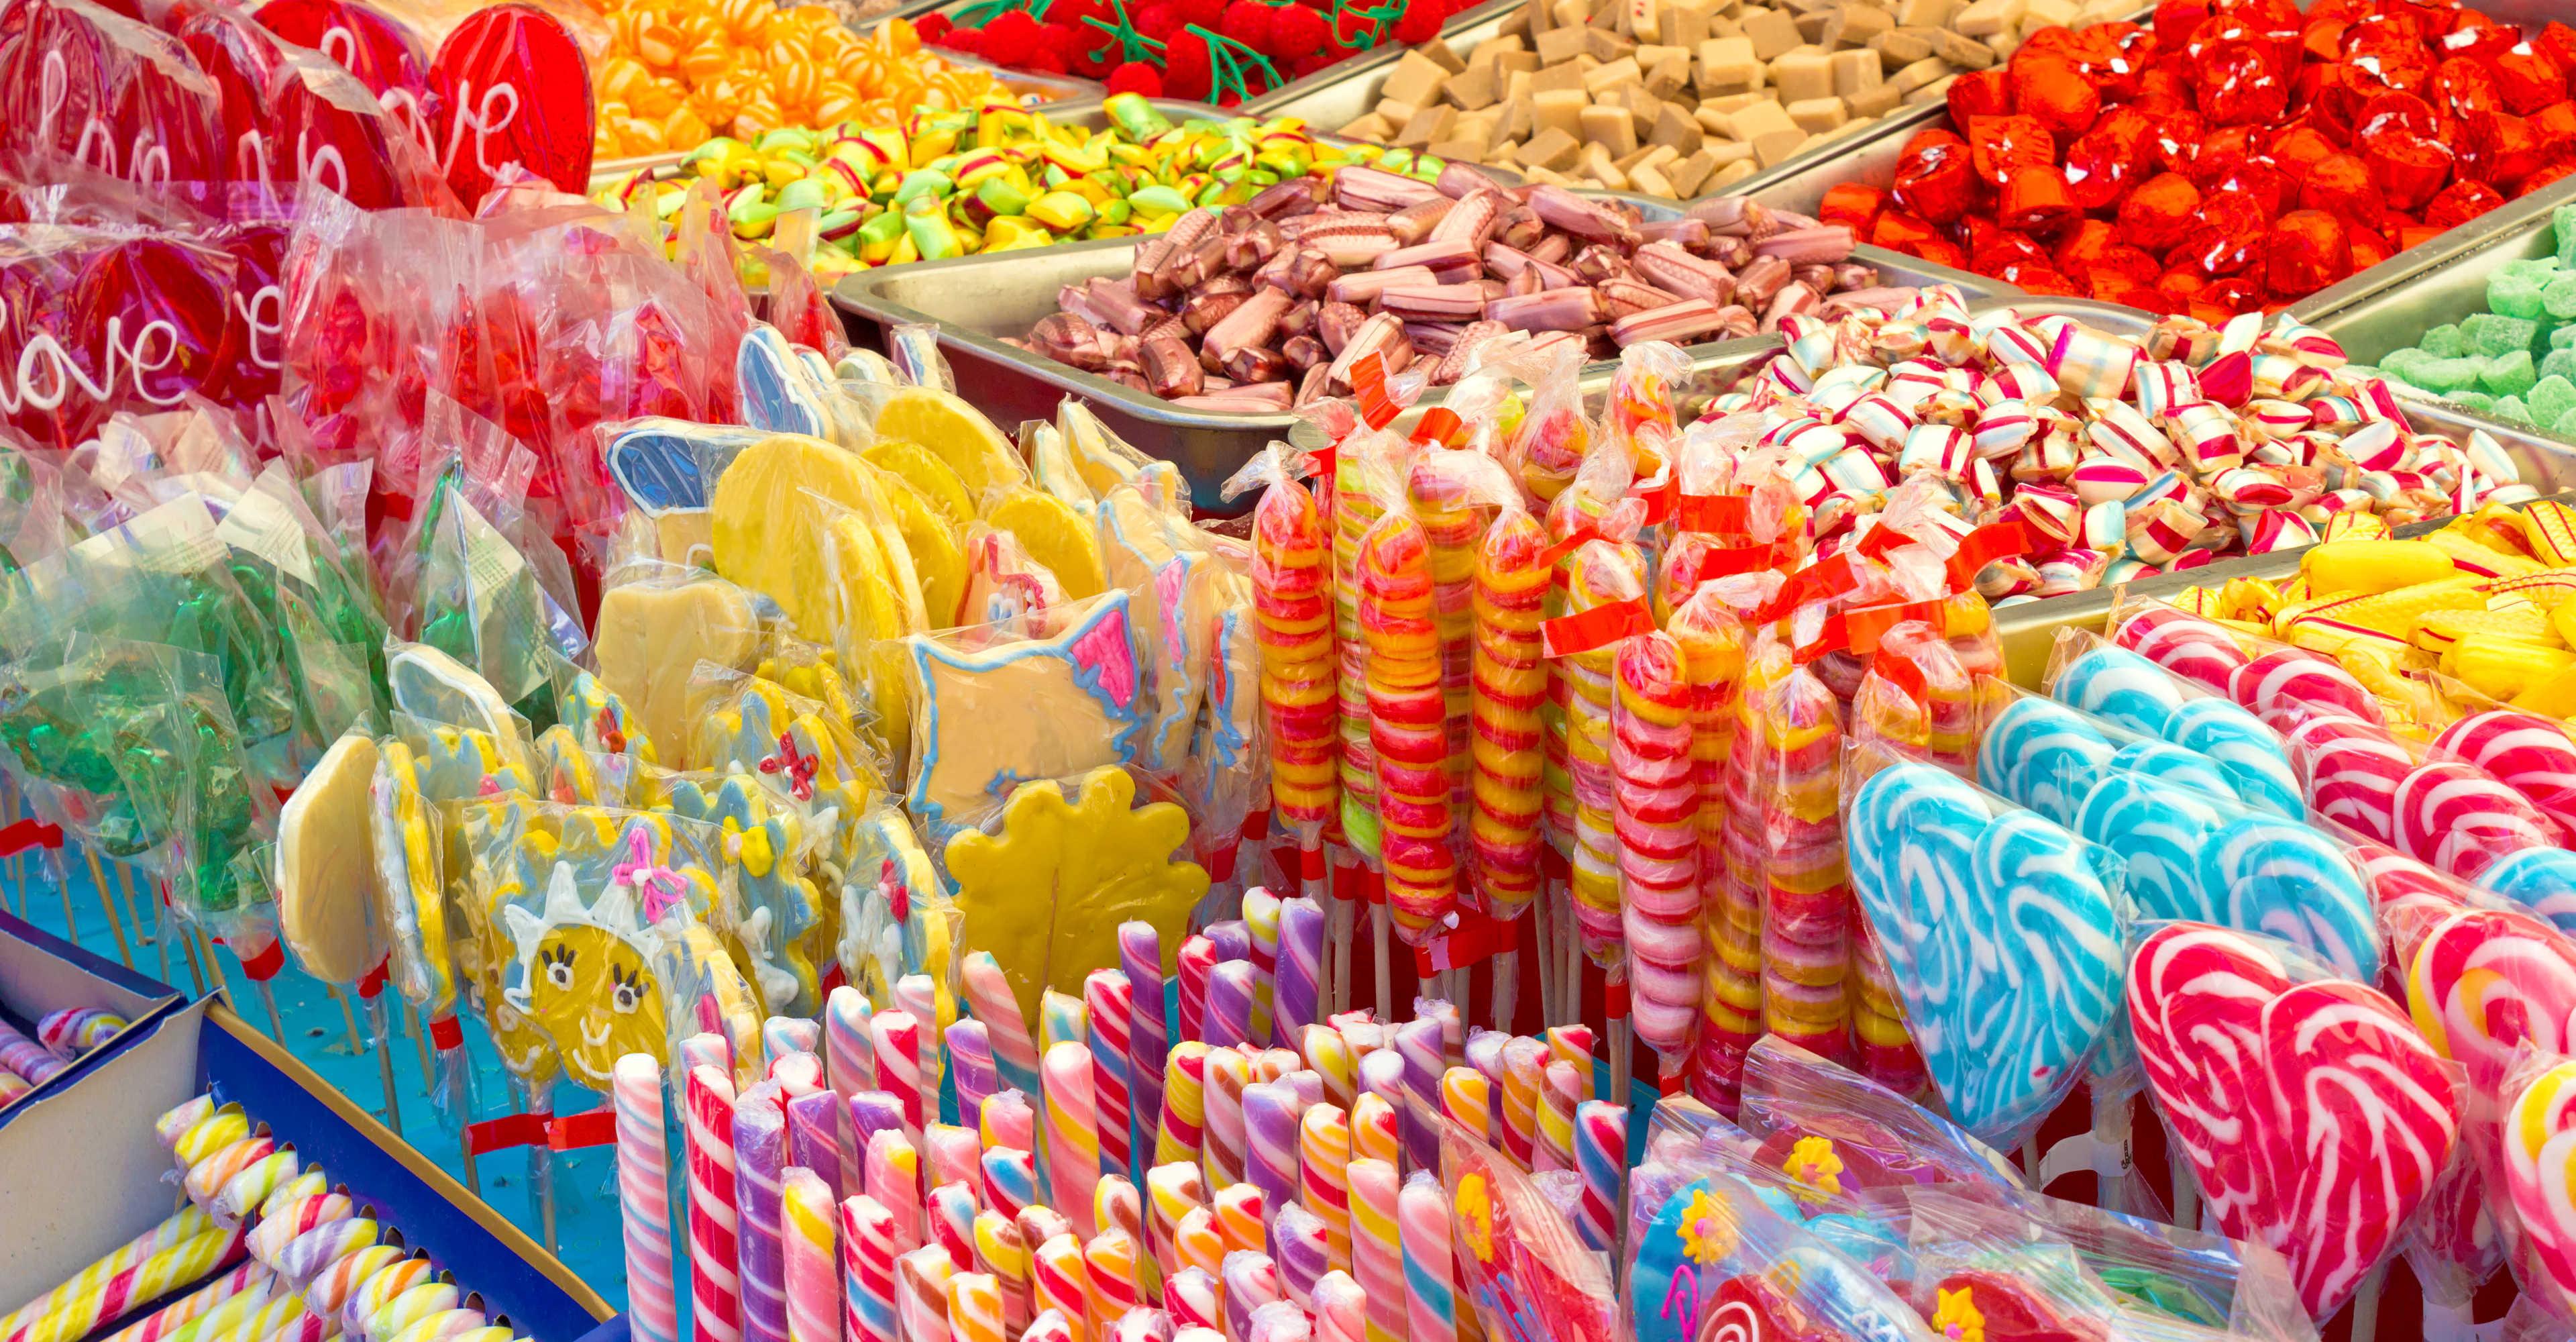 bancarella dolciumi varietà colori-slider